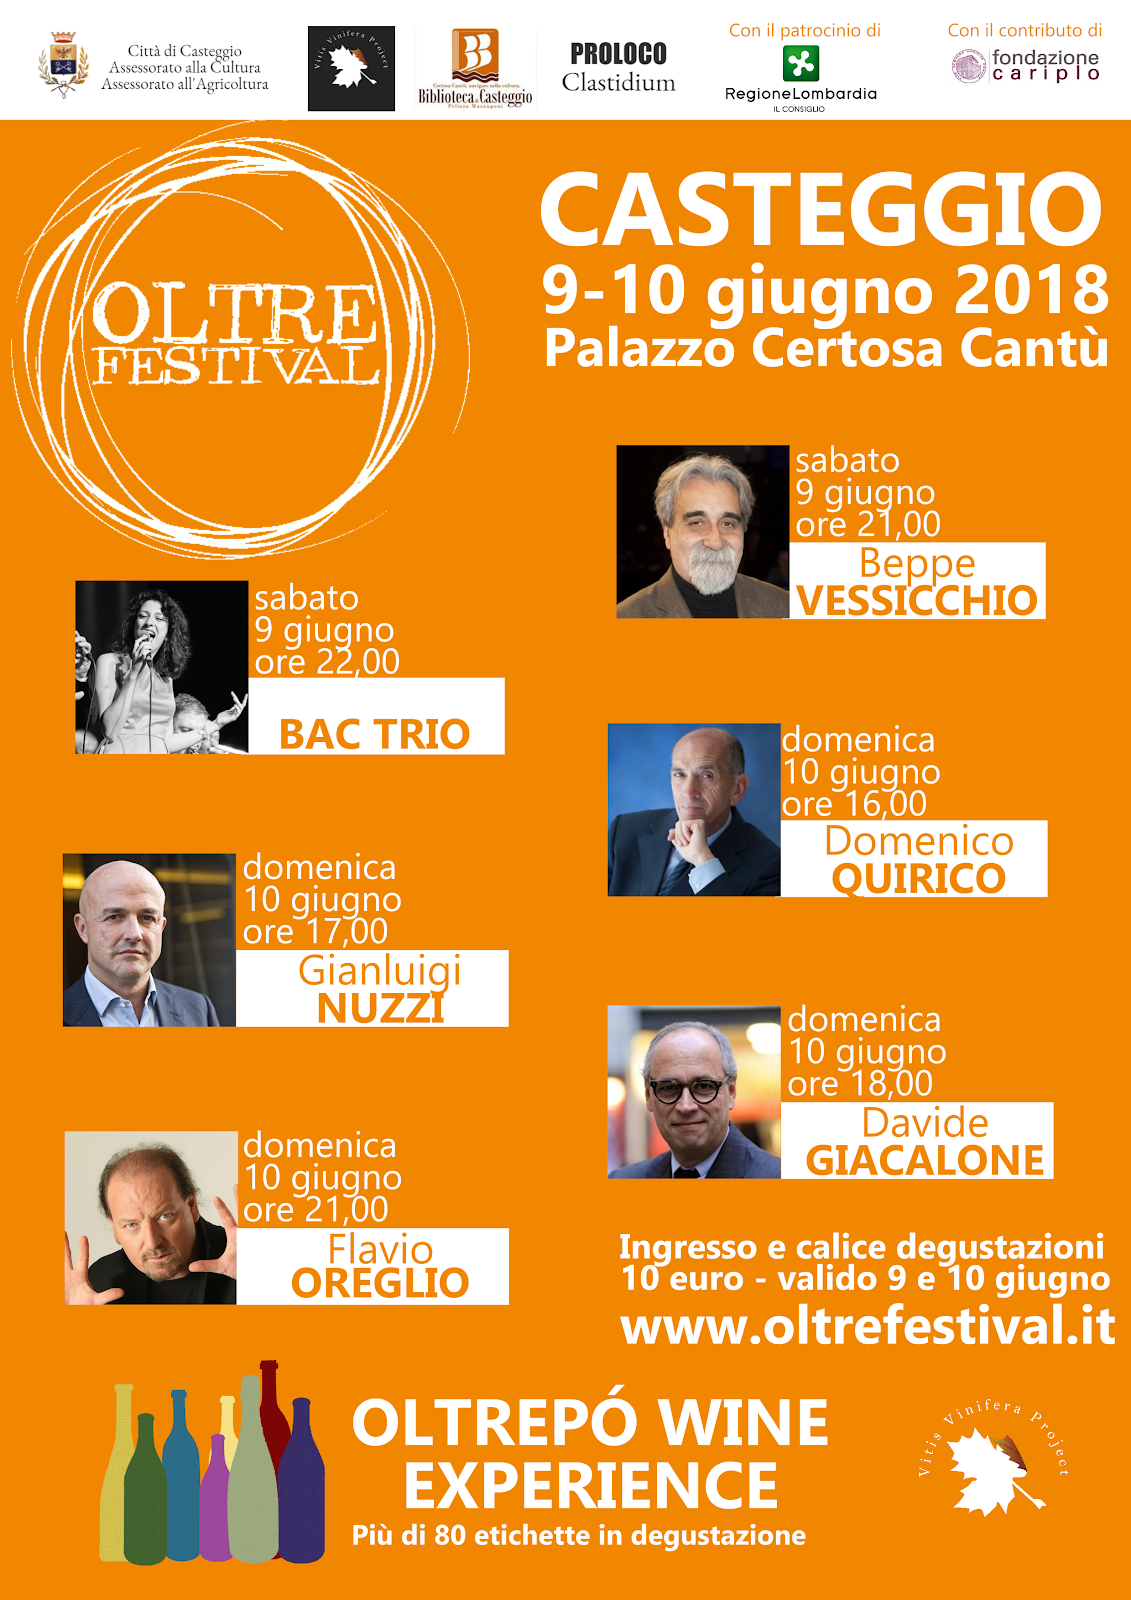 OLTREFESTIVAL 2018